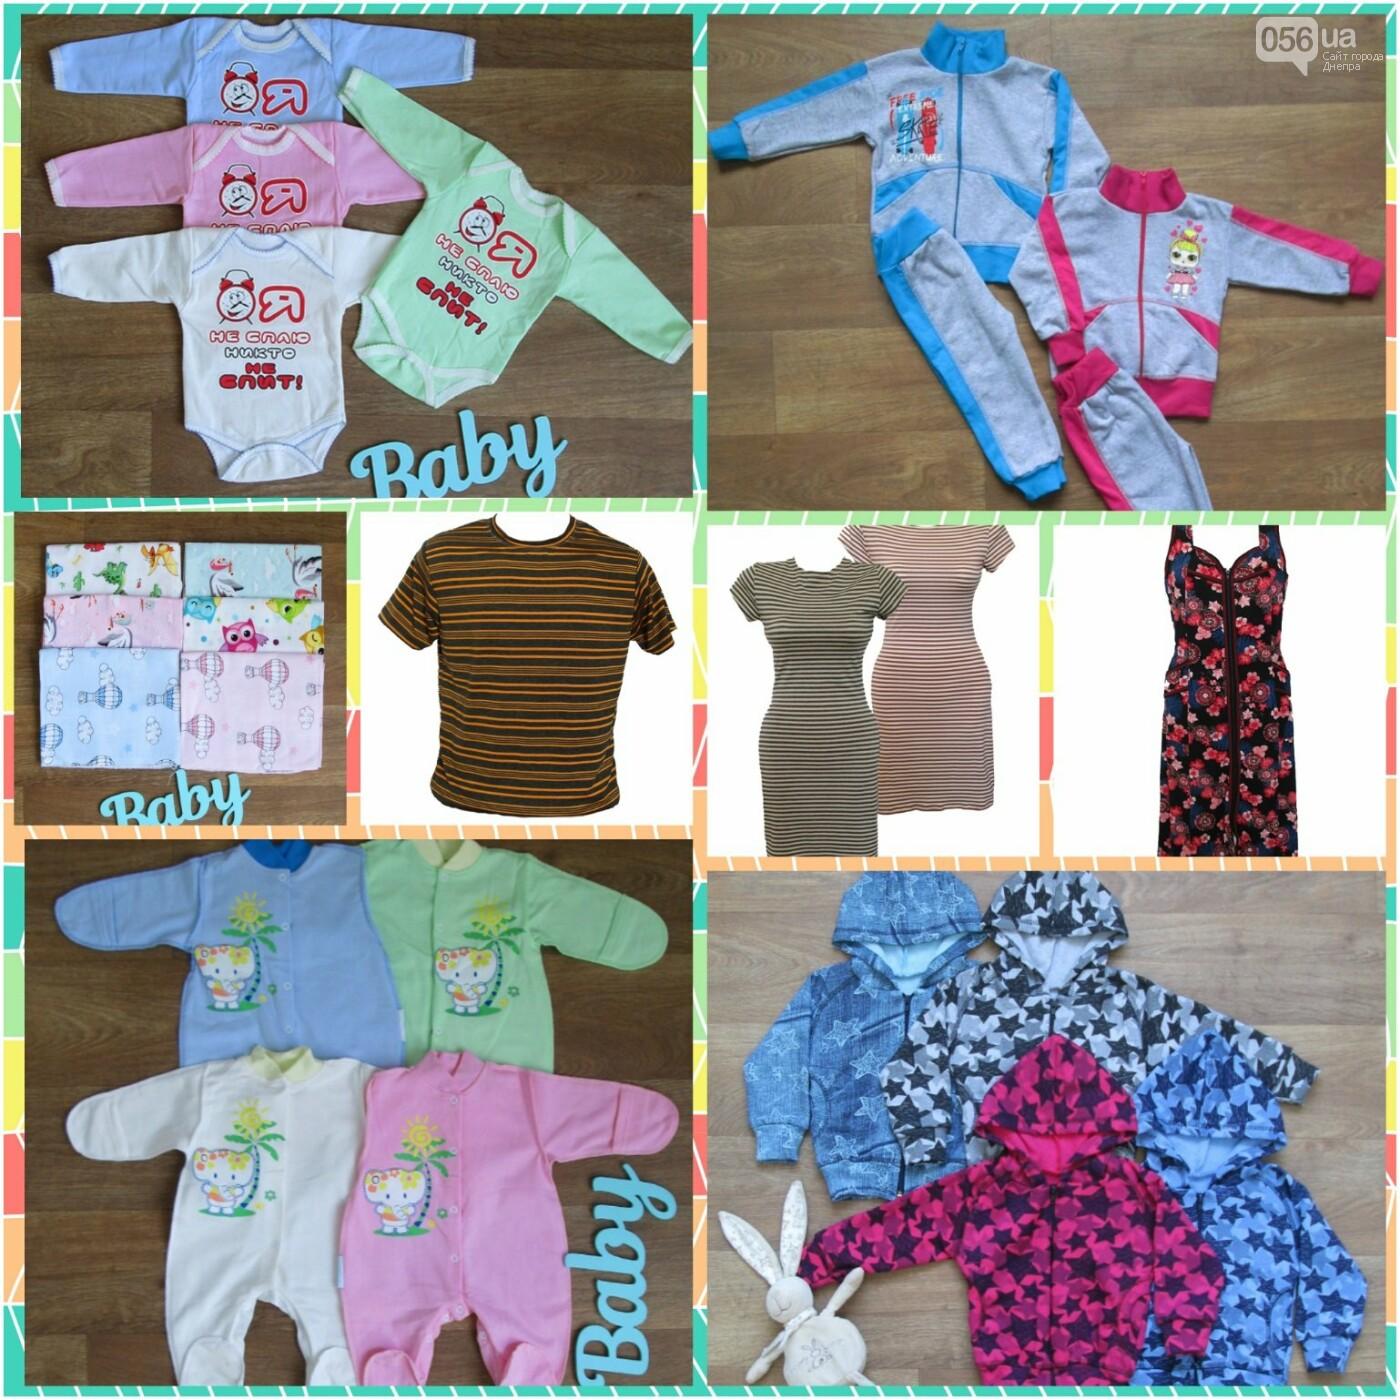 Детский магазин – интернет-магазин детской одежды, фото-1